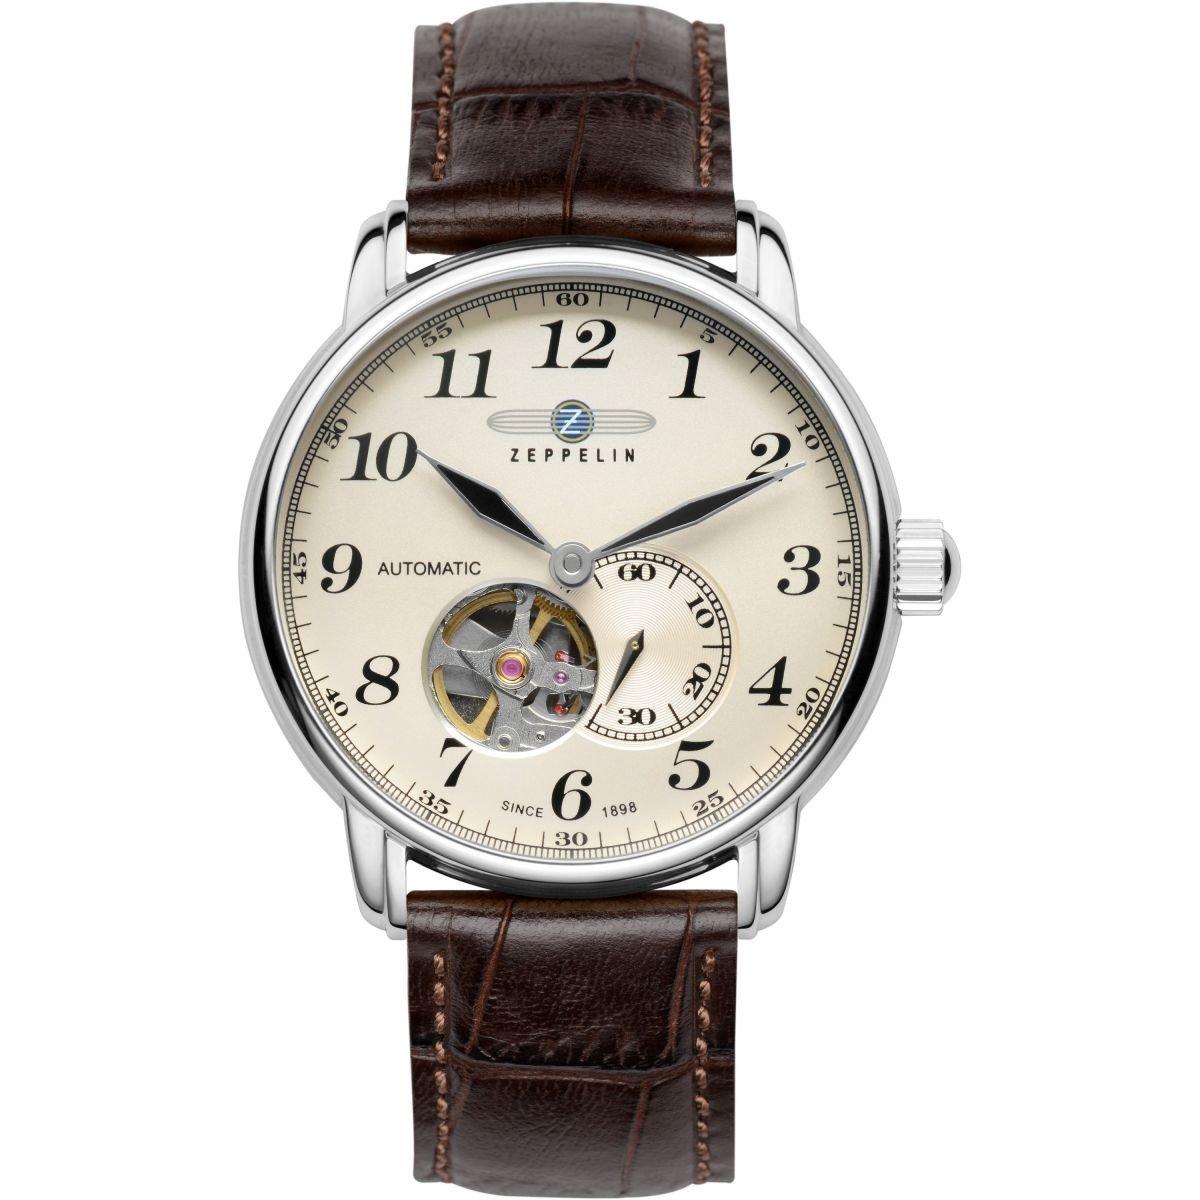 【全品送料無料】 ZEPPELIN ツェッペリン 7666-5 メンズ 時計 腕時計 プレゼント ギフト 贈り物 オープンハート[あす楽]